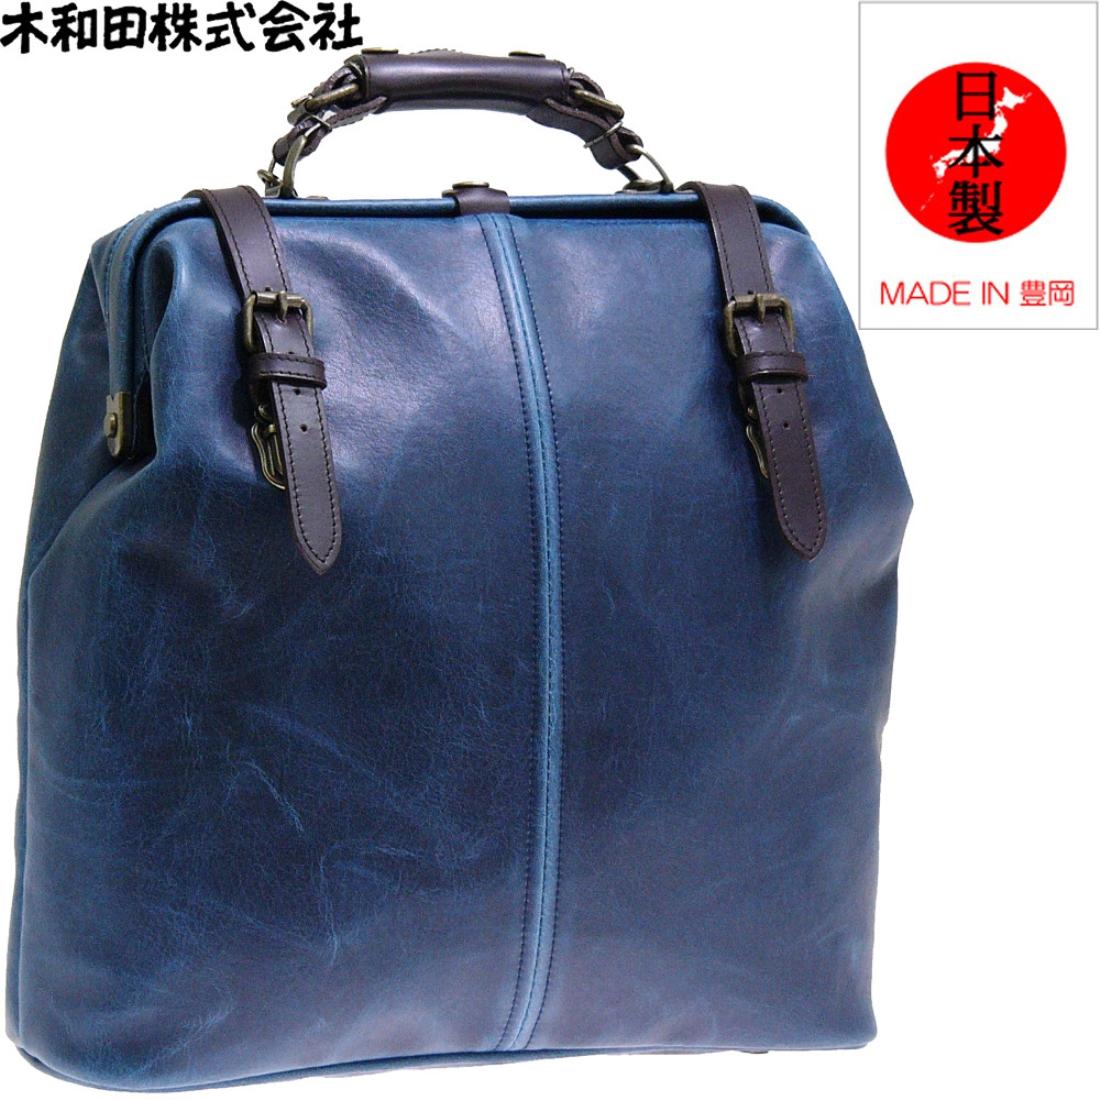 おしゃれ デザイン リュック 旅行用 リュックサック 日本 革 鞄 トラベル 本革 付属 人工皮革製合皮アンティークフェイクレザー 枠入りリュック 旅行用 リュックサック ネイビー 日本製